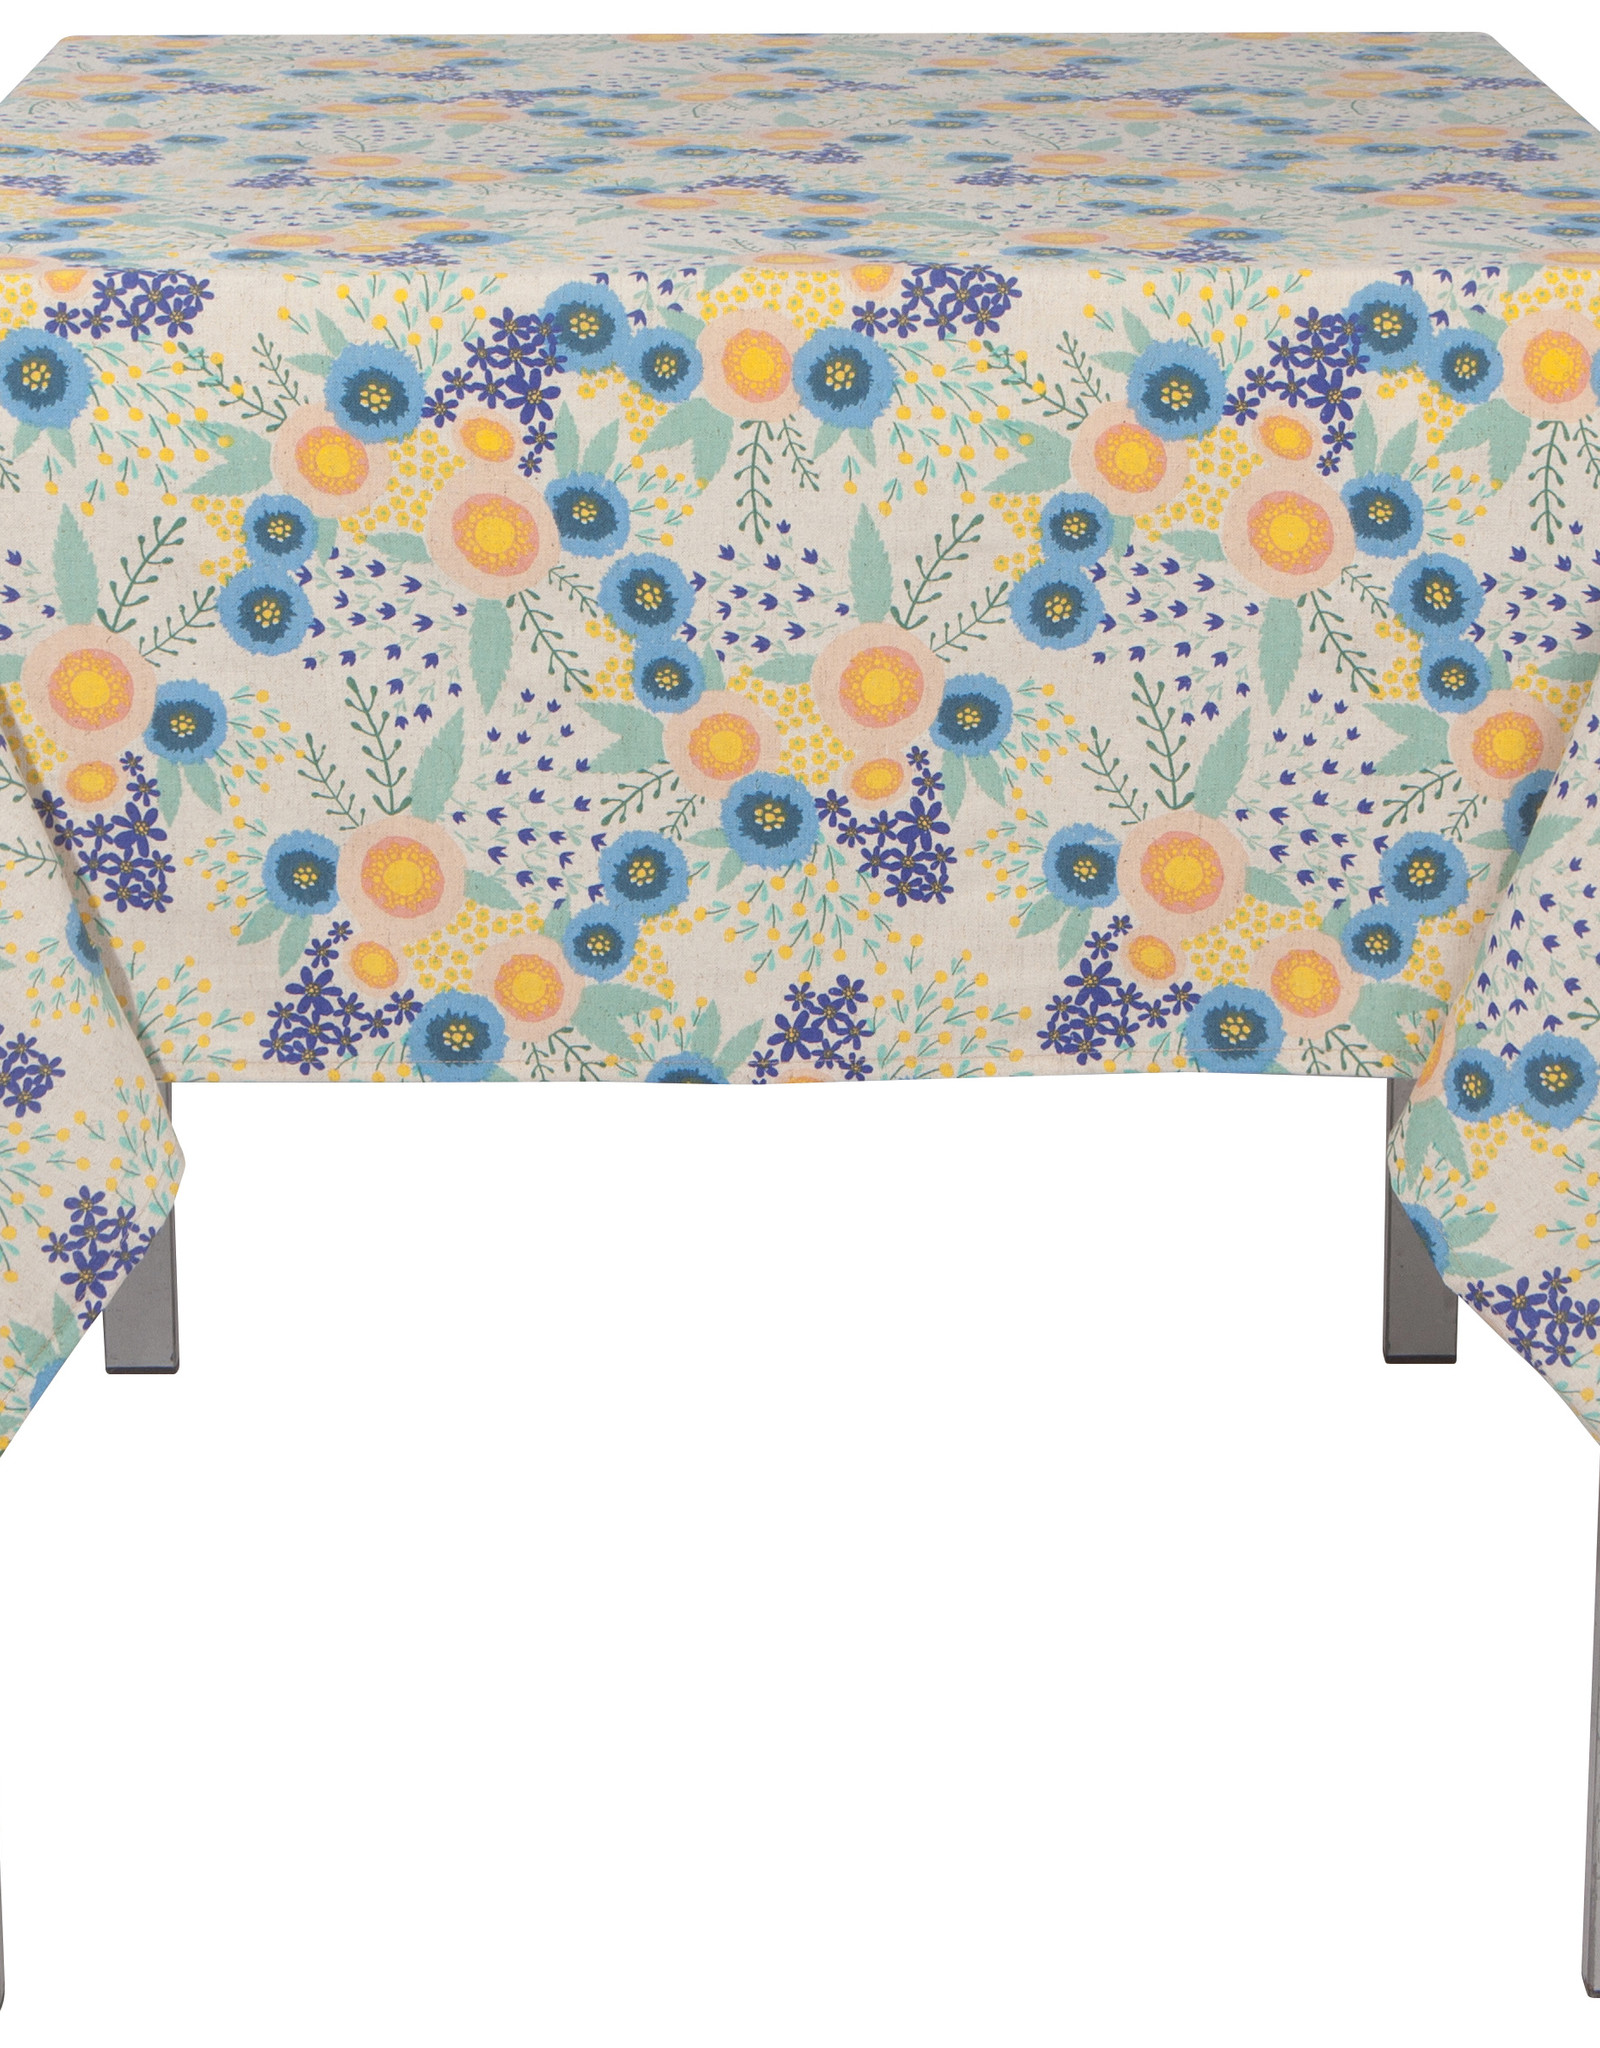 Rosa Tablecloth 60 x 120''